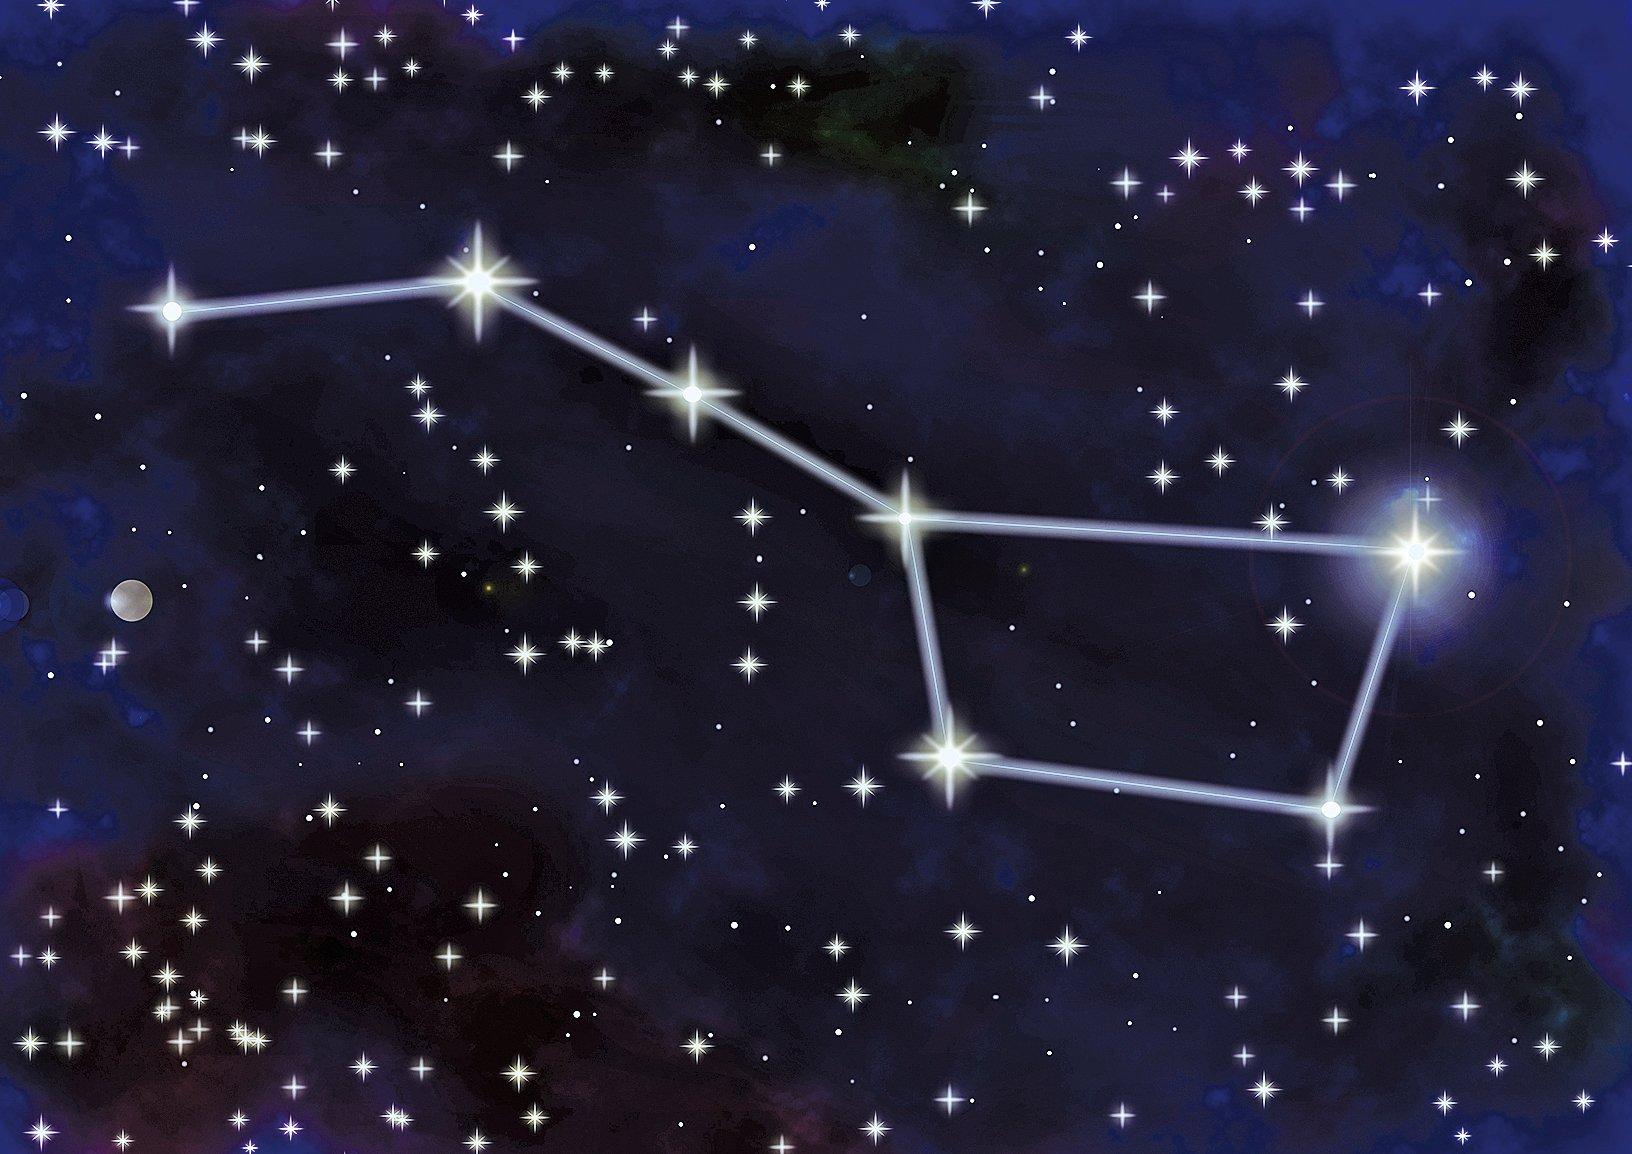 《詩經》中的美麗星空